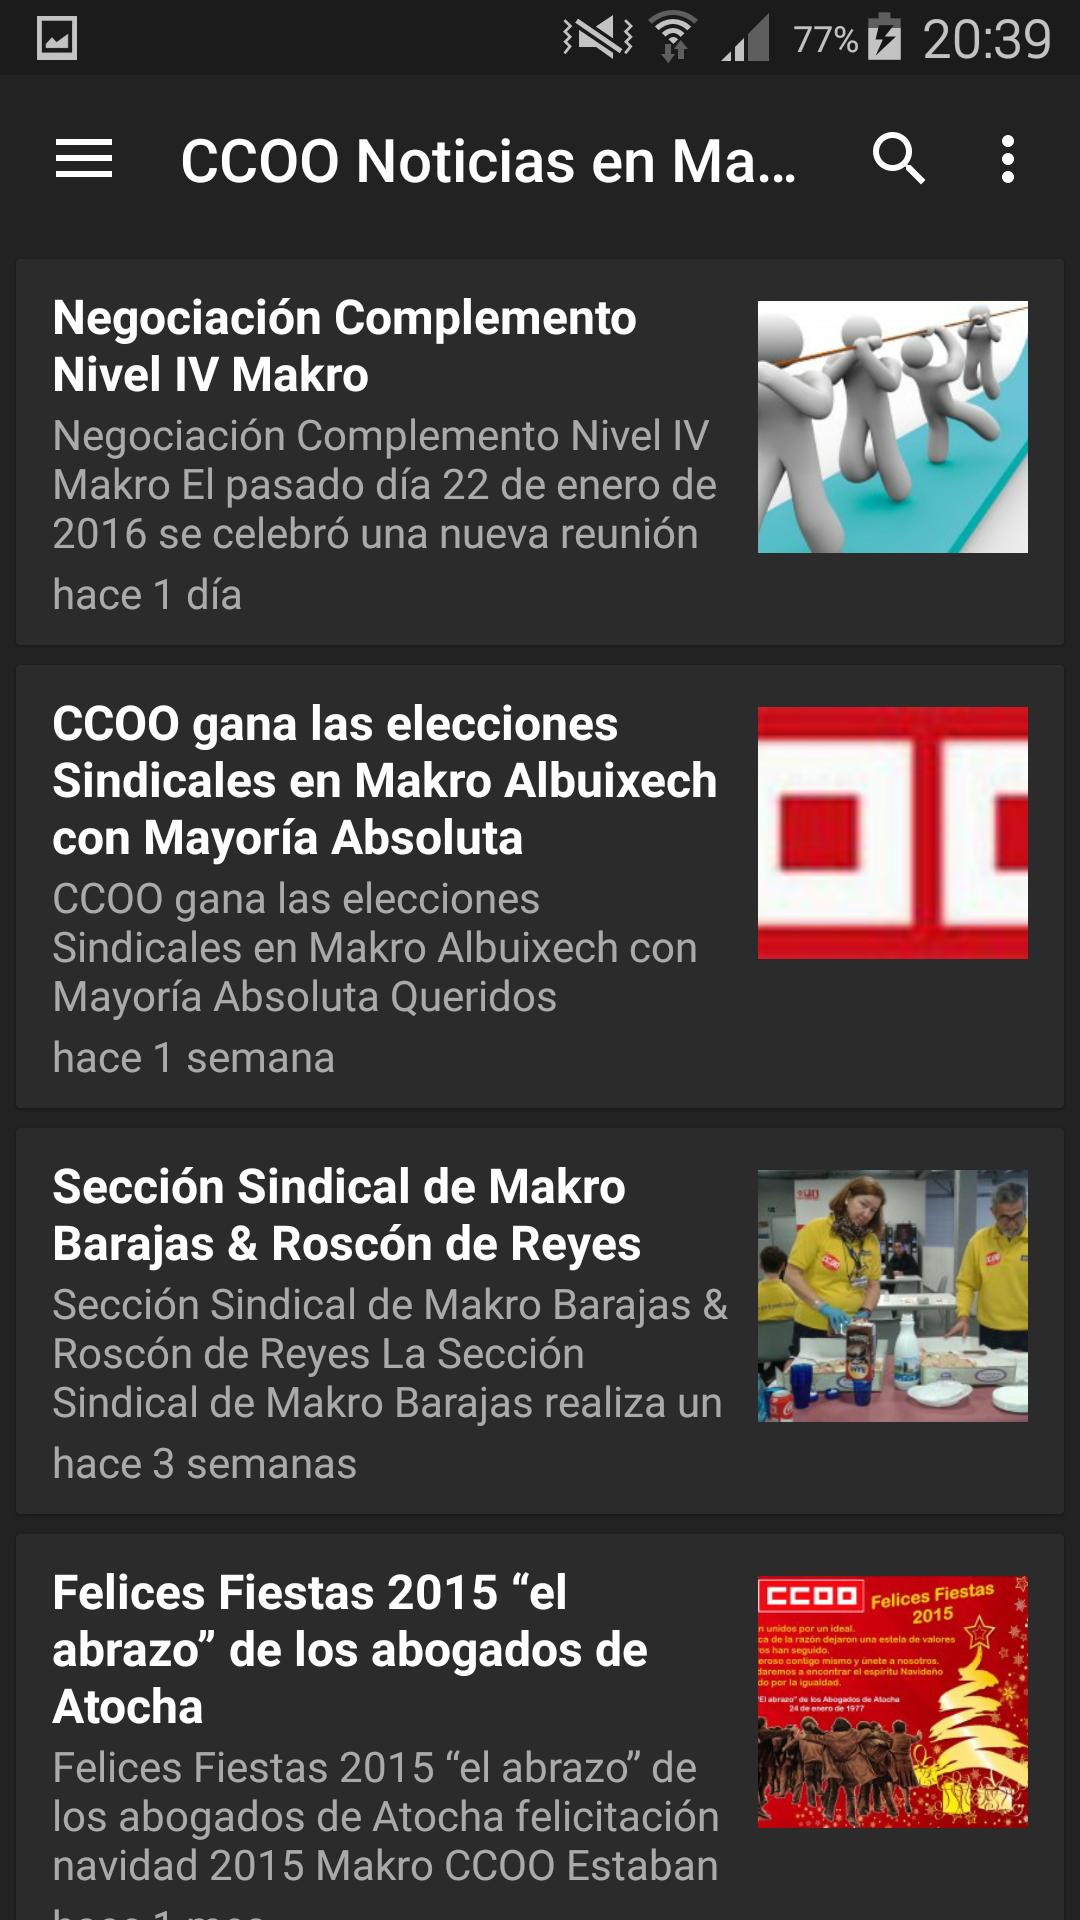 App Makro CCOO Noticias